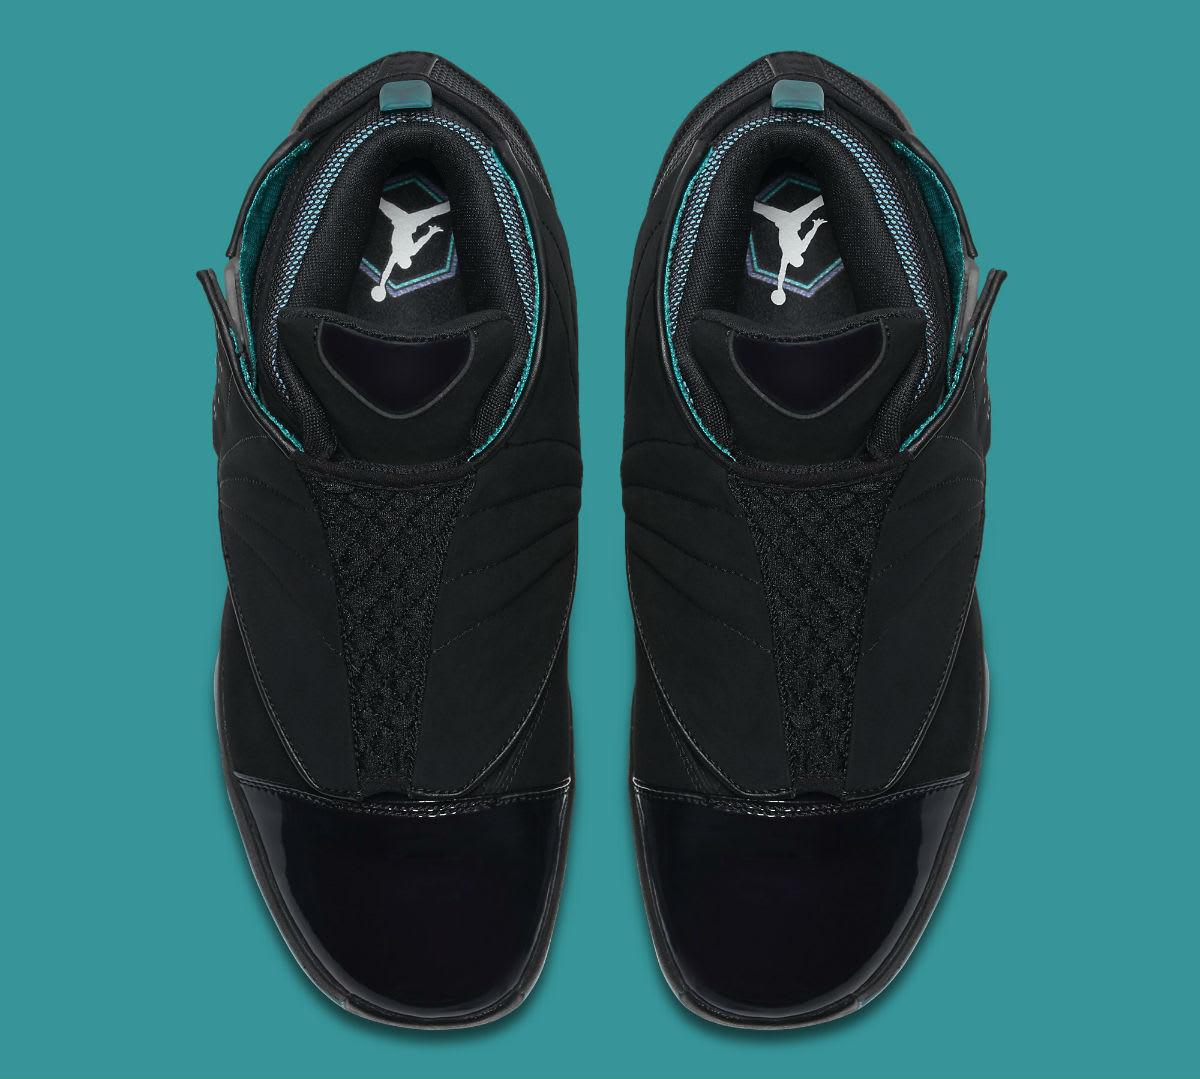 Air Jordan 16 XVI CEO Boardroom Release Date Top AA1235-003